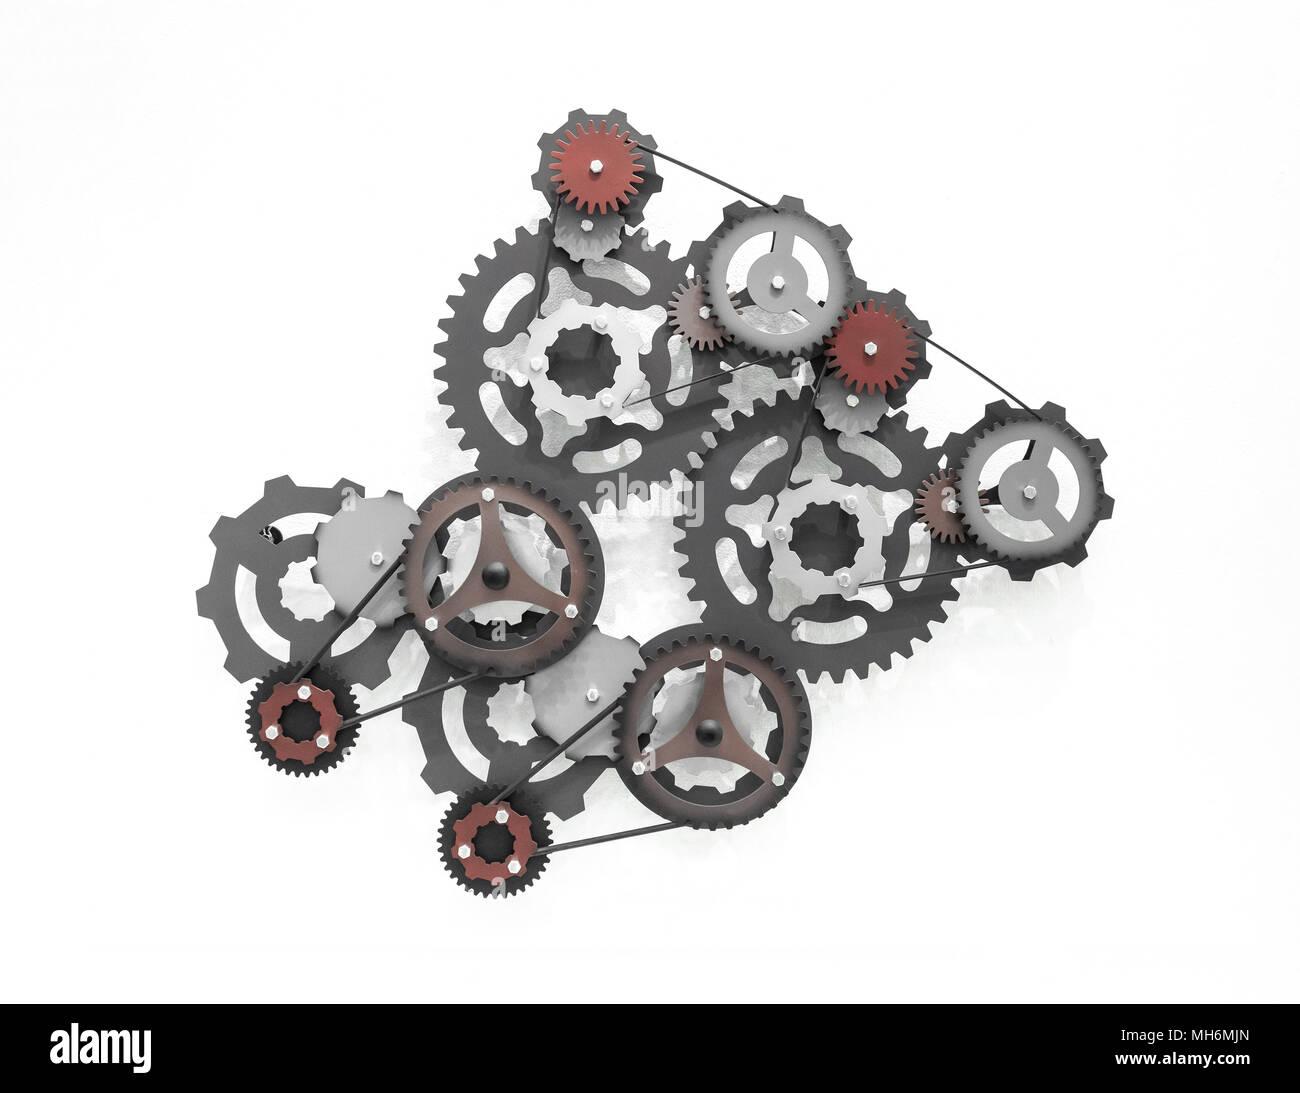 Conjunto de engranaje y rueda de diente, el trabajo en equipo concepto de negocio Imagen De Stock